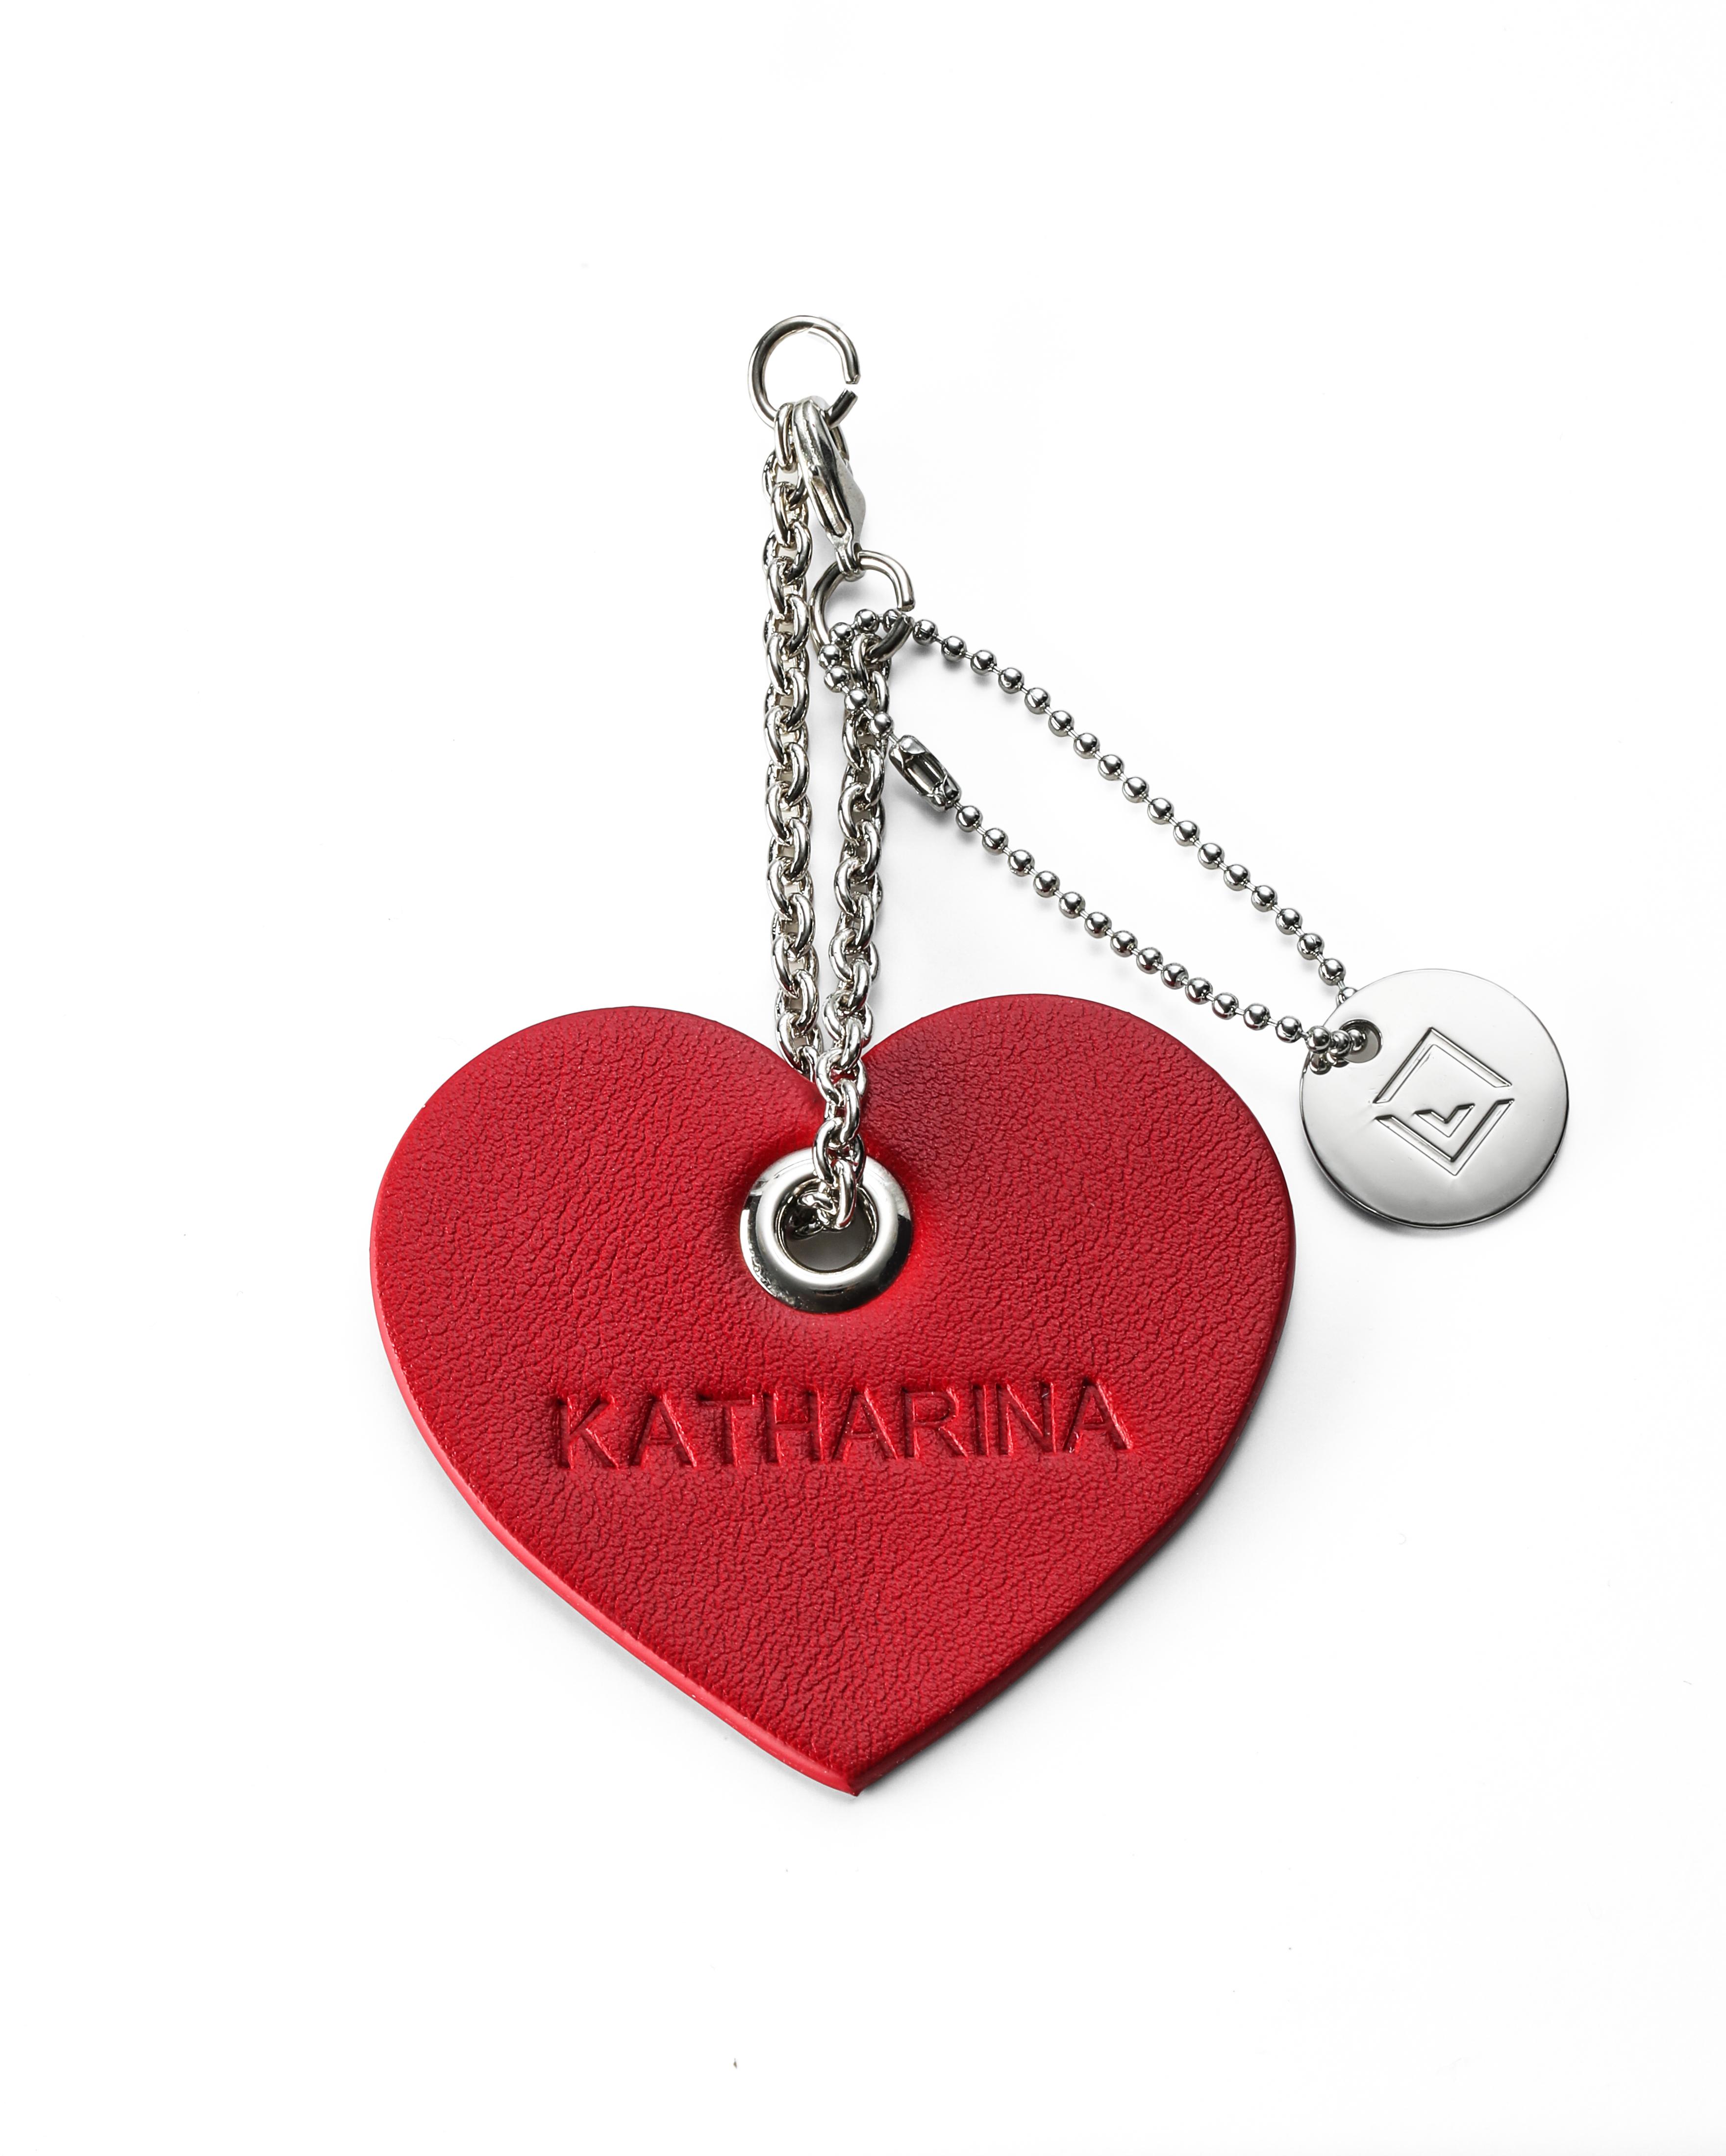 Bag Charm LALELA HEART                      Image